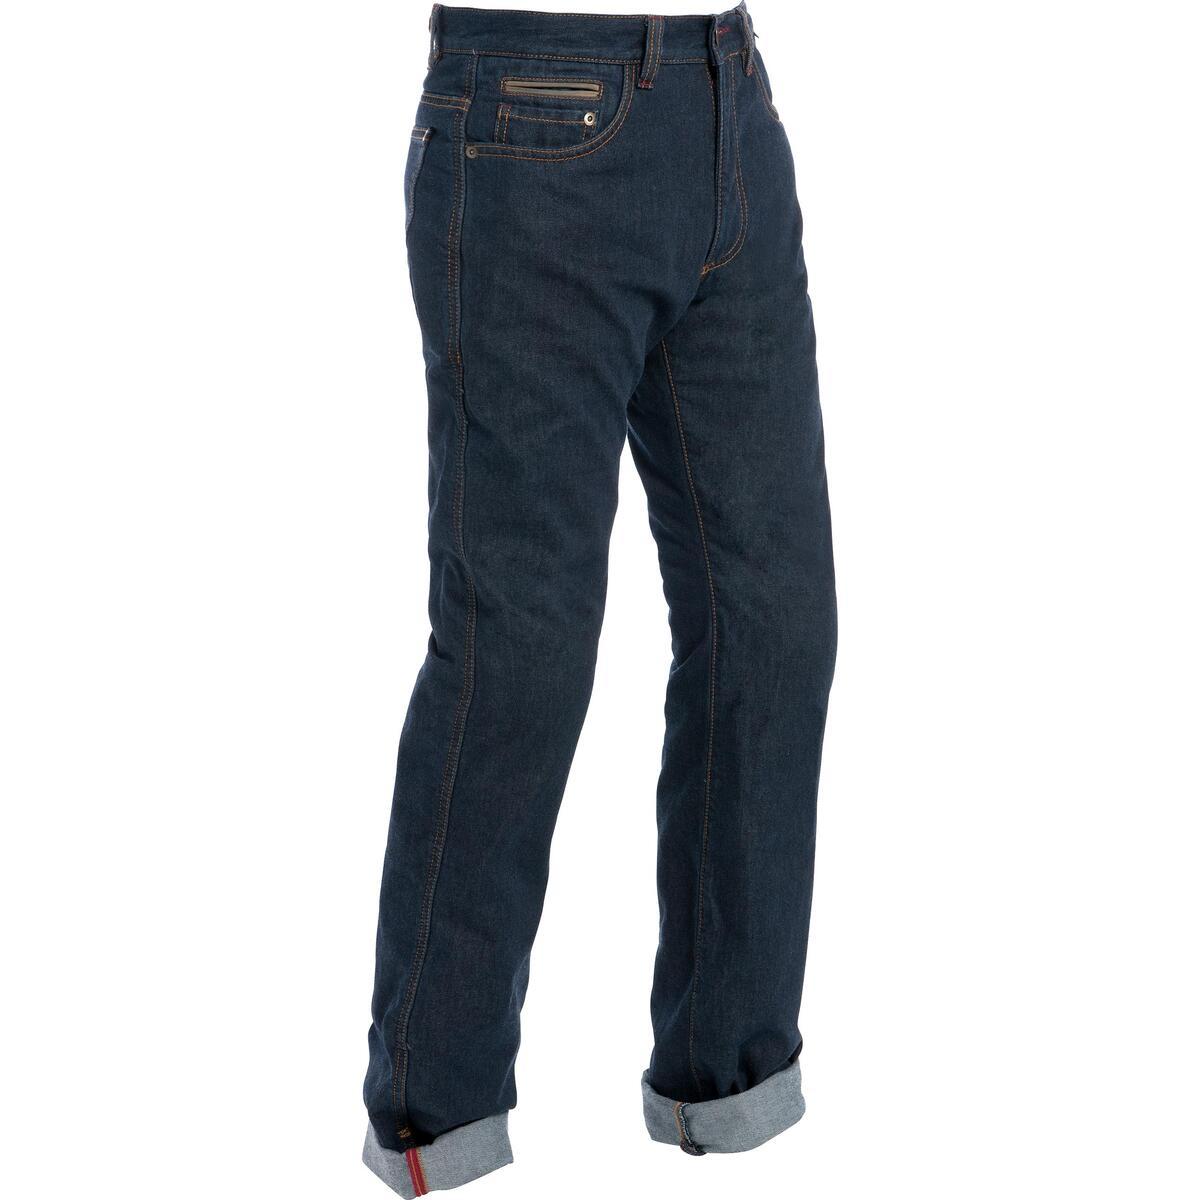 Bild 2 von Segura Julys Jeans blau Herren Größe 3XL